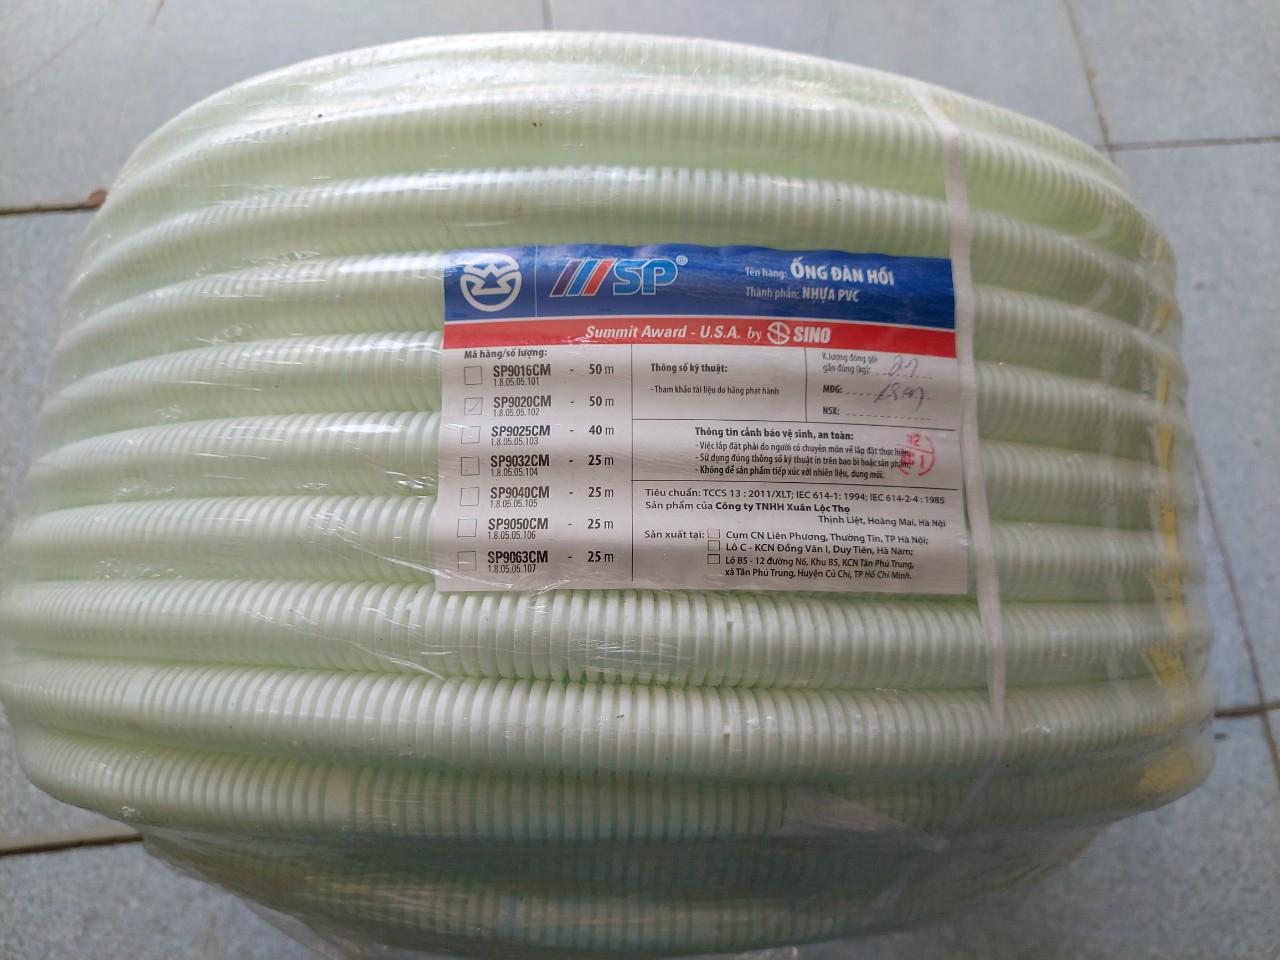 Ống mềm đàn hồi ruột gà PVC SP D20 SINO SP9020CM